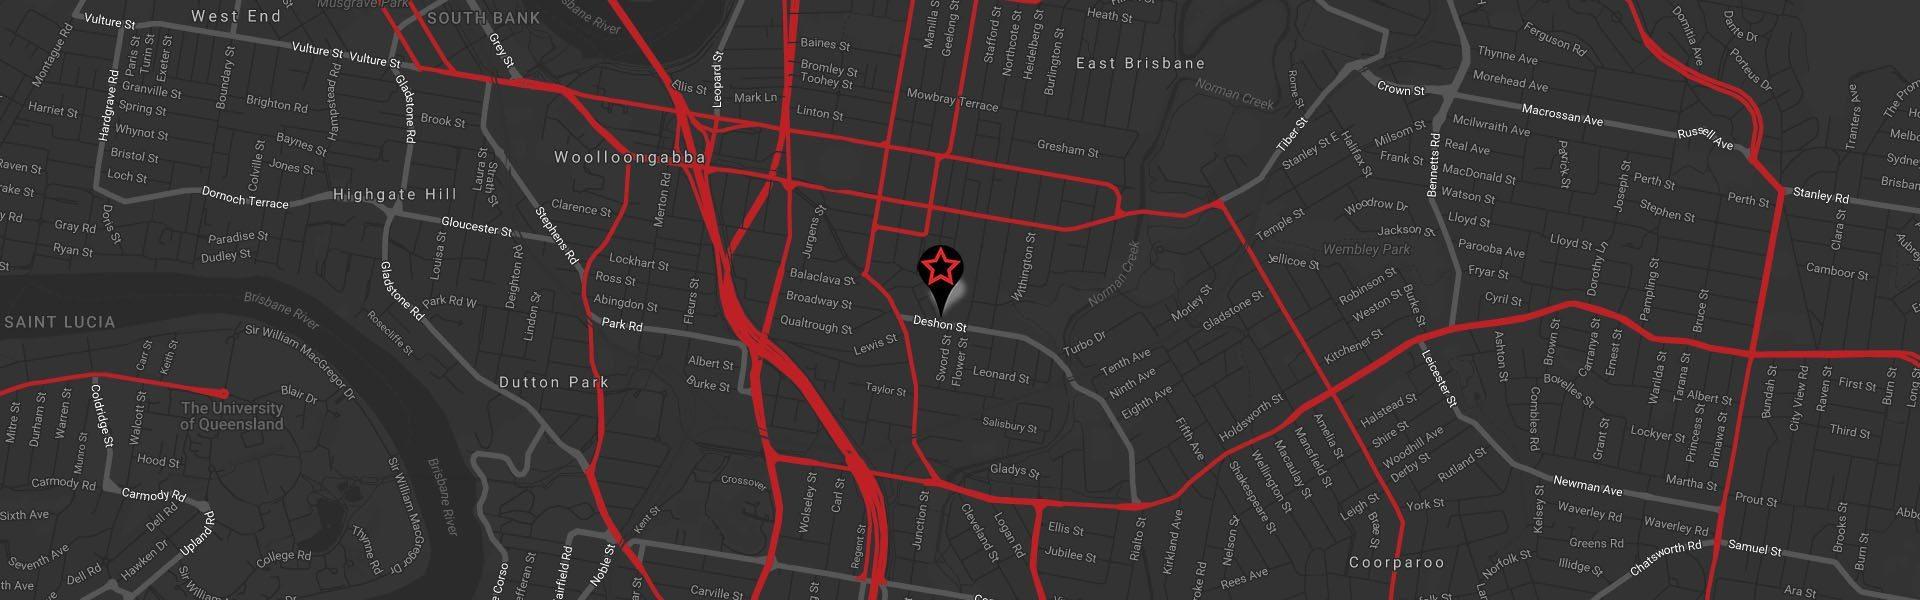 5thC Map